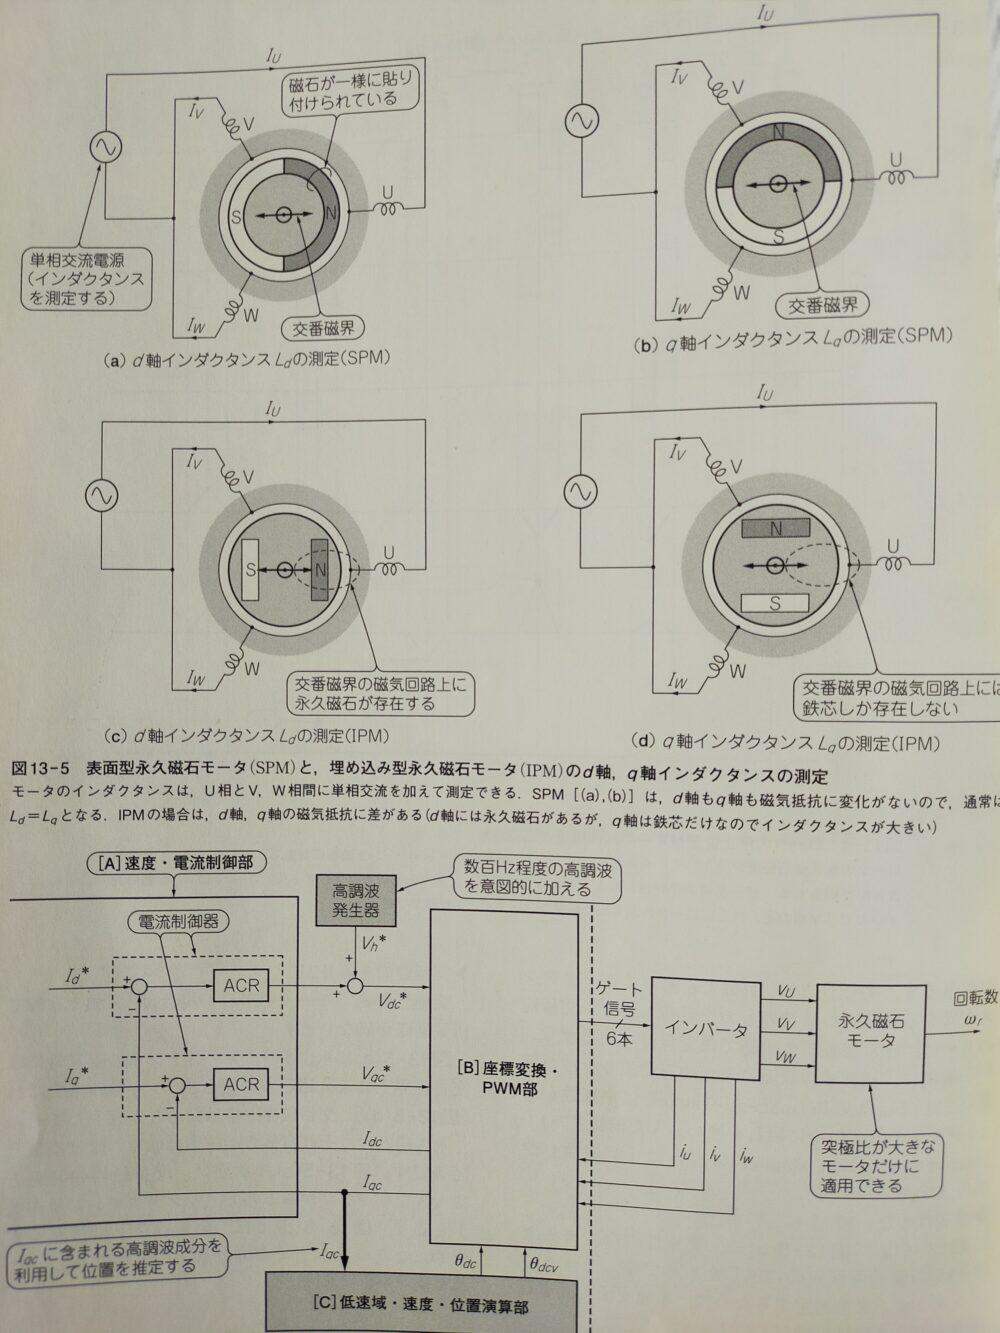 高トルク&高速応答センサレスモータ制御技術4